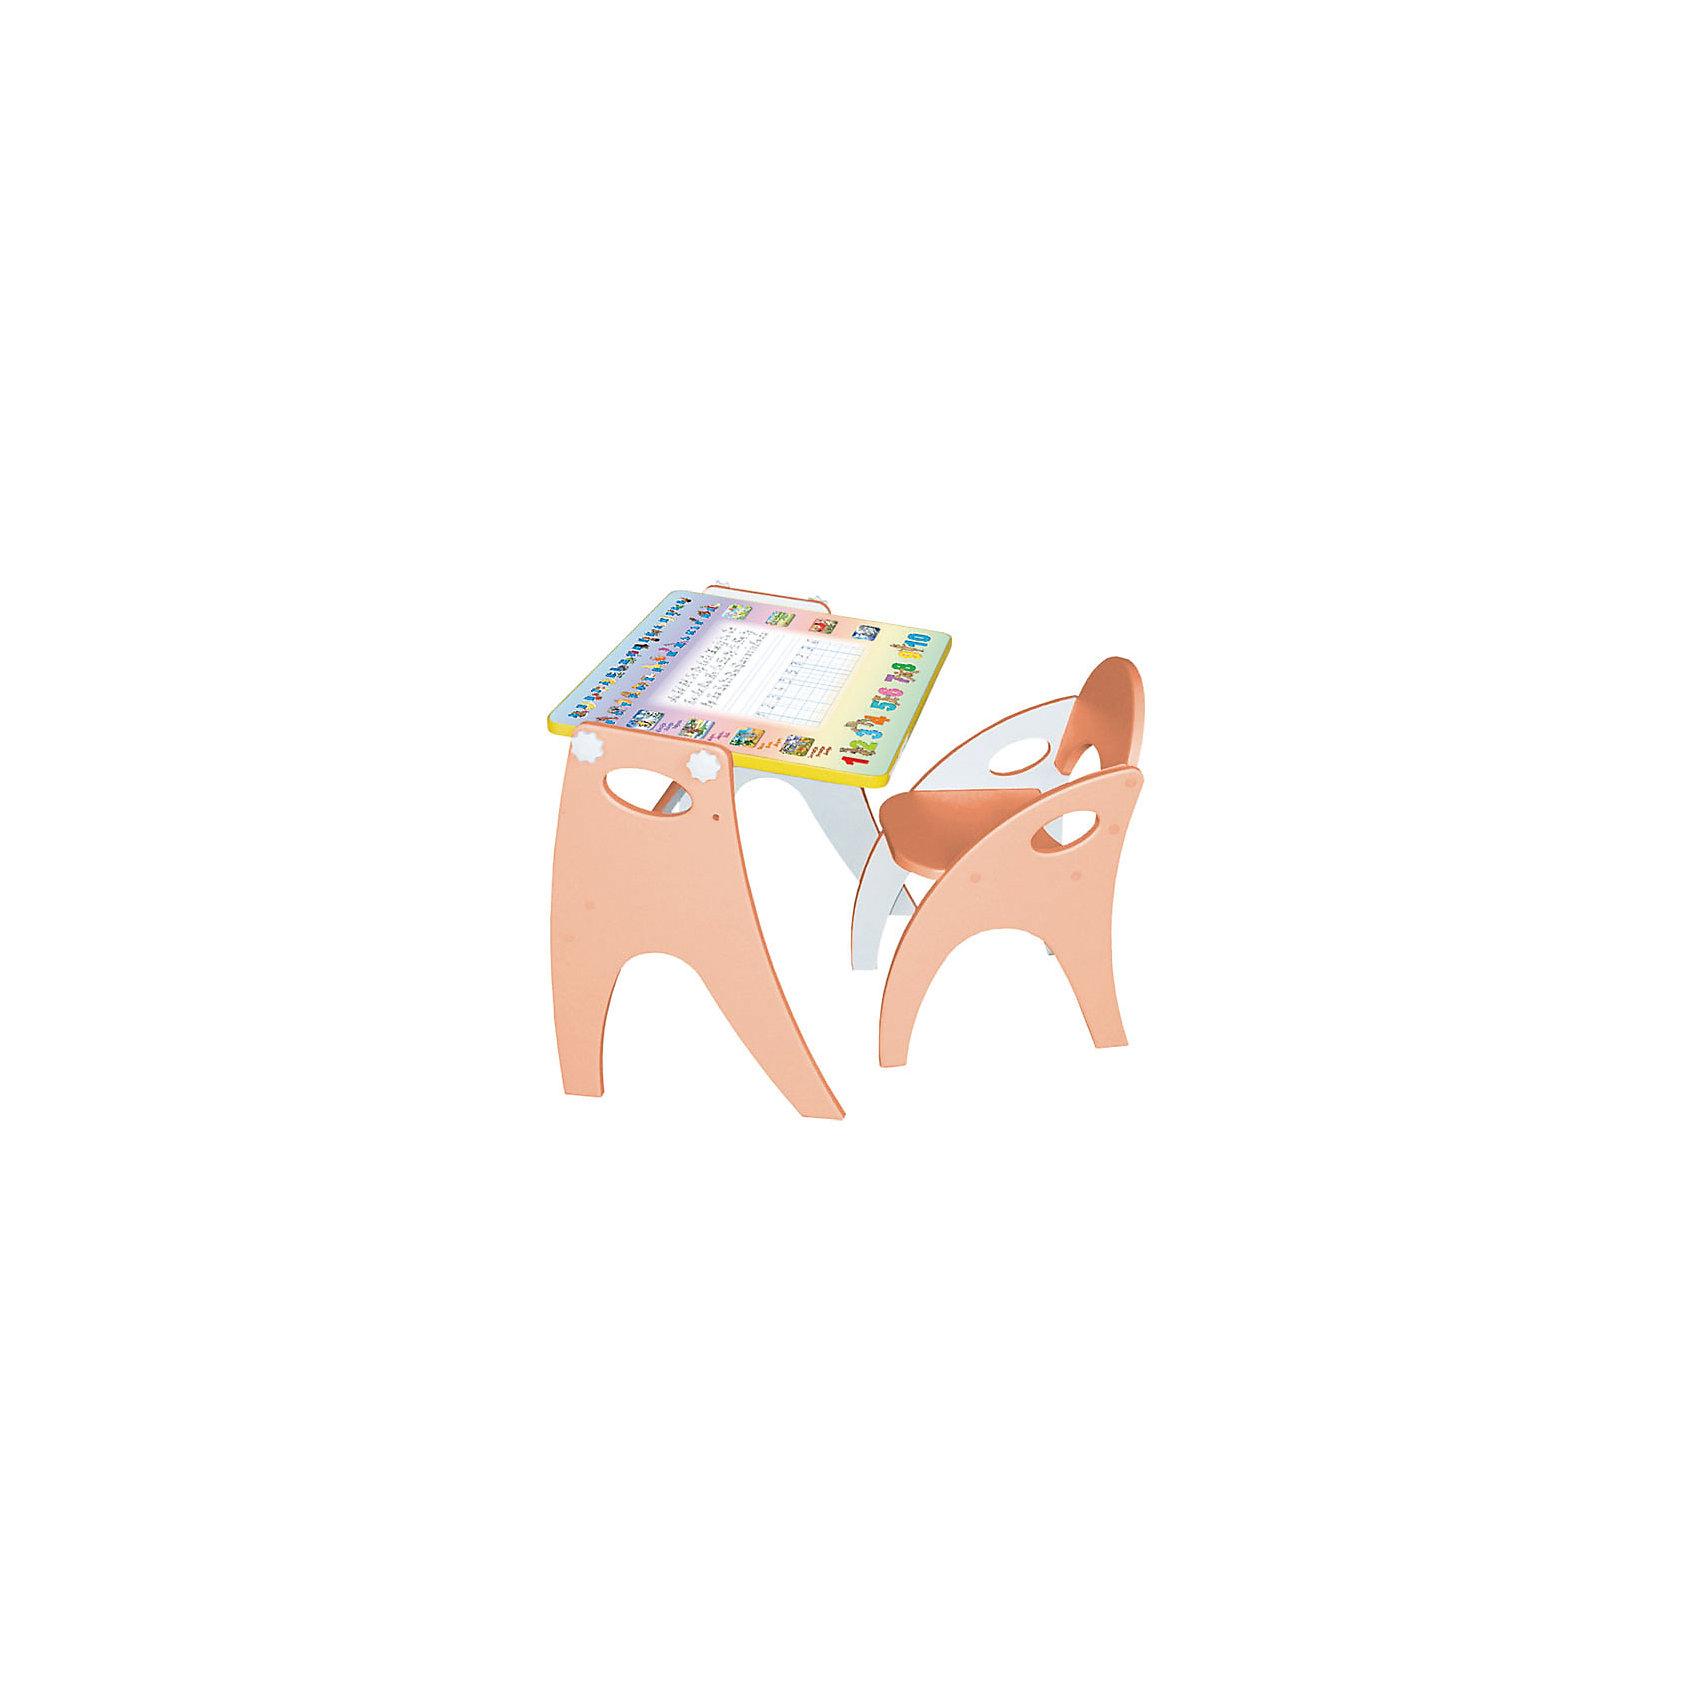 Набор мебели Буквы-цифры, персиковыйНабор детской мебели Буквы-цифры состоит из двух предметов: столик (трансформер) и стульчик.  Столик  имеет механизм трансформации, который позволяет превращать столик в парту и мольберт. Поворот осуществляется при помощи поворотного шарнира, а фиксация - скрепляющими барашками. <br><br>Дополнительная информация:<br><br>- Цвет: персиковый<br>- Материал: МДФ<br>- Возраст: от 3-х лет<br>- Вес: 11.5 кг.<br><br>Благодаря такому чудесному приспособлению, ребенок с легкость и большим интересом будет познавать мир букв и цифр!<br><br>Набор мебели Буквы-цифры в персиковом цвете, можно купить в нашем магазине.<br><br>Ширина мм: 600<br>Глубина мм: 120<br>Высота мм: 450<br>Вес г: 11500<br>Возраст от месяцев: 36<br>Возраст до месяцев: 108<br>Пол: Унисекс<br>Возраст: Детский<br>SKU: 4718341